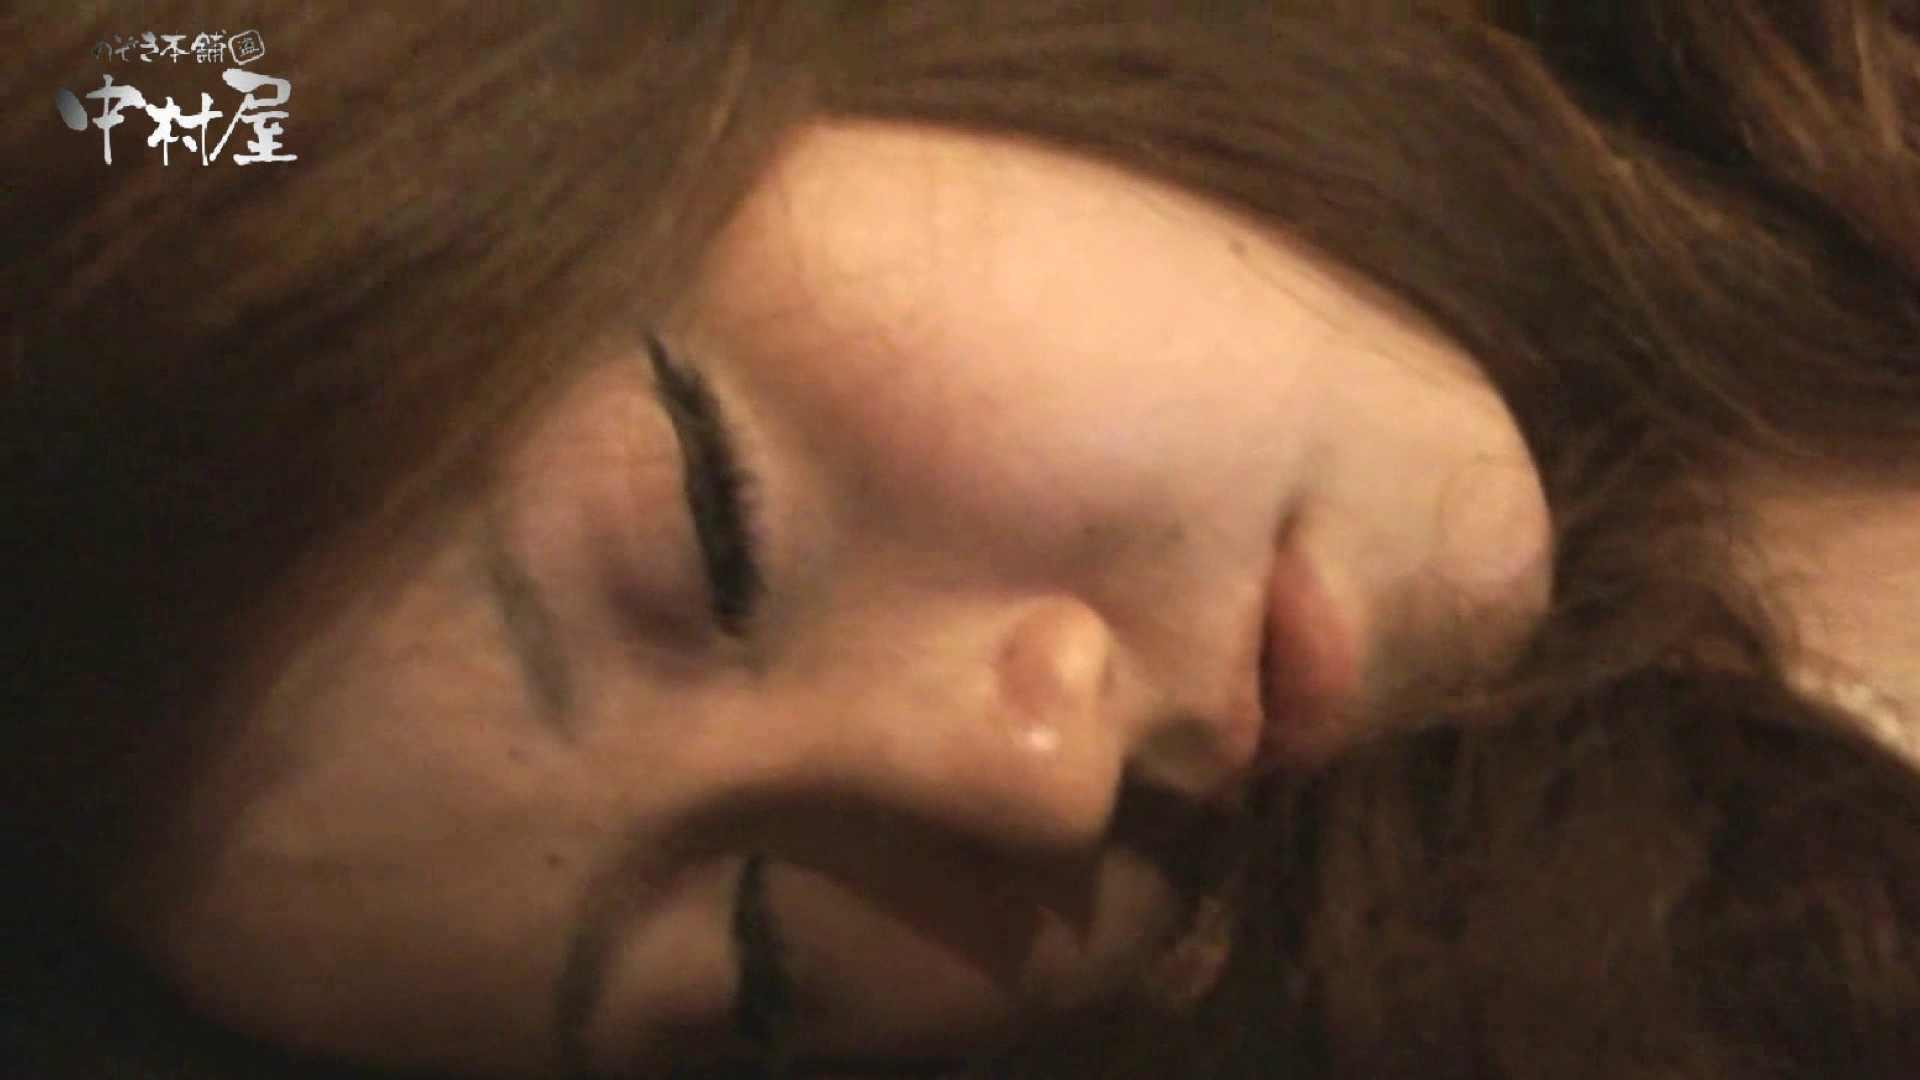 欲望 リアルドール Case.11 Sちゃん現役女子大生19歳 前編 イタズラ | 萌え女子大生  78連発 31